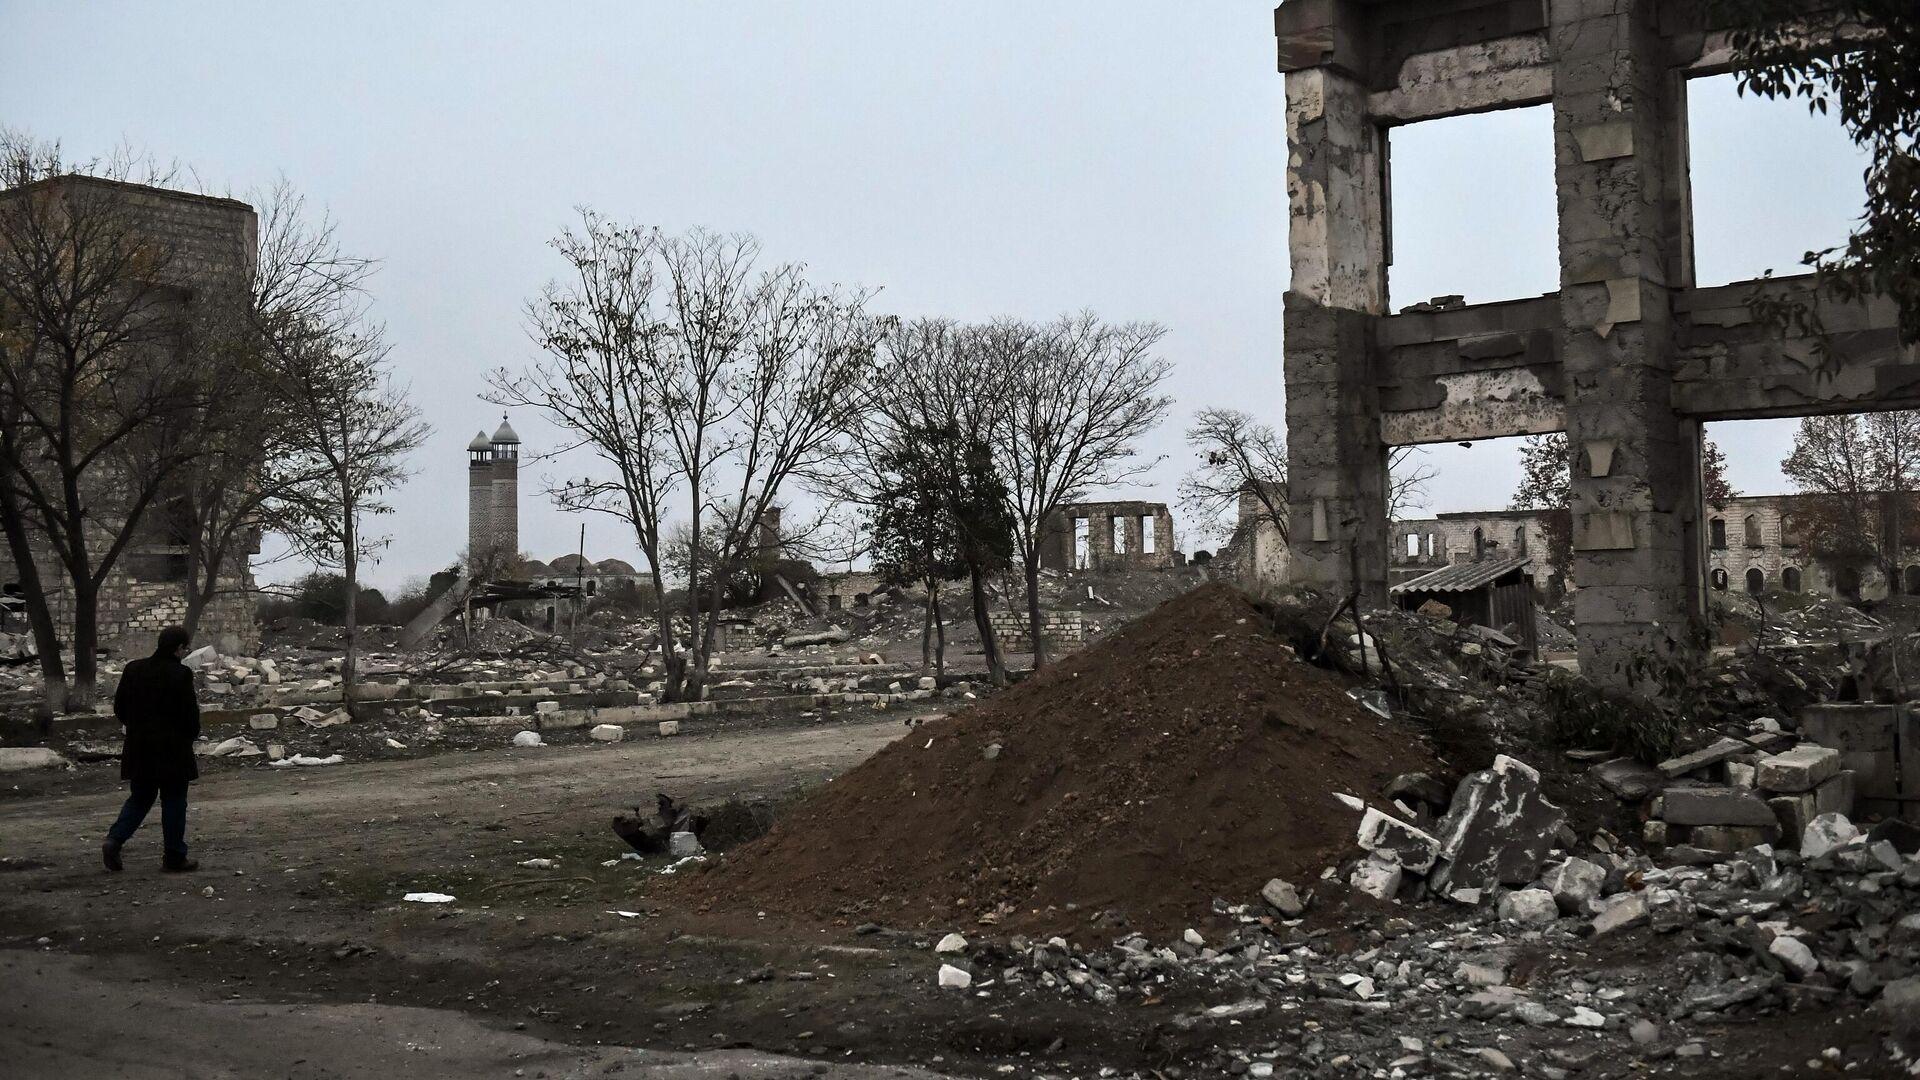 Die Stadt Ağdam in Bergkarabach, die seit der Waffenruhe unter aserbaidschanischer Kontrolle steht. - SNA, 1920, 16.12.2020